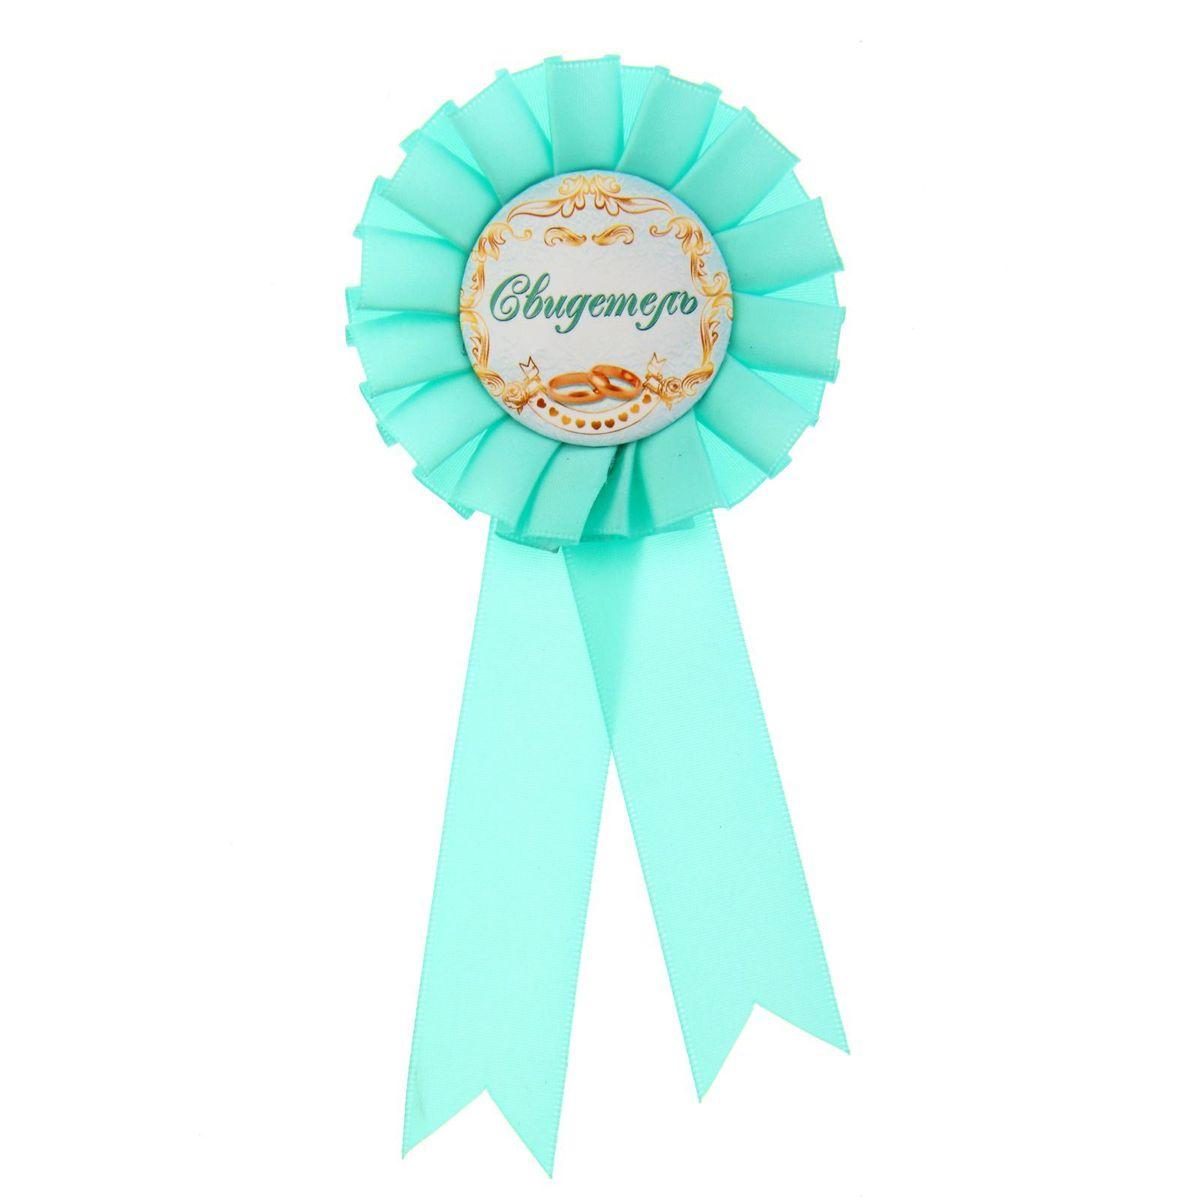 Значок-розетка Sima-land Свидетель, цвет: голубой, 17,5 x 8 x 2 см1235413Когда на носу торжественное событие, так хочется окружить себя яркими красками и счастливыми улыбками! Порадуйте родных и близкихэффектной и позитивной наградой, которую уж точно будет видно издалека! Свадебный значок Свидетель изготовлен из лёгкого пластика и декорирован яркими бирюзовыми лентами. Аксессуар поможет создатьпраздничное настроение на свадьбе и подчеркнёт важность роли гостя. Изделие дополнено булавкой, чтобы его сразу можно было надеть. Значокобязательно придётся по вкусу тому, кто любит быть в центре внимания.